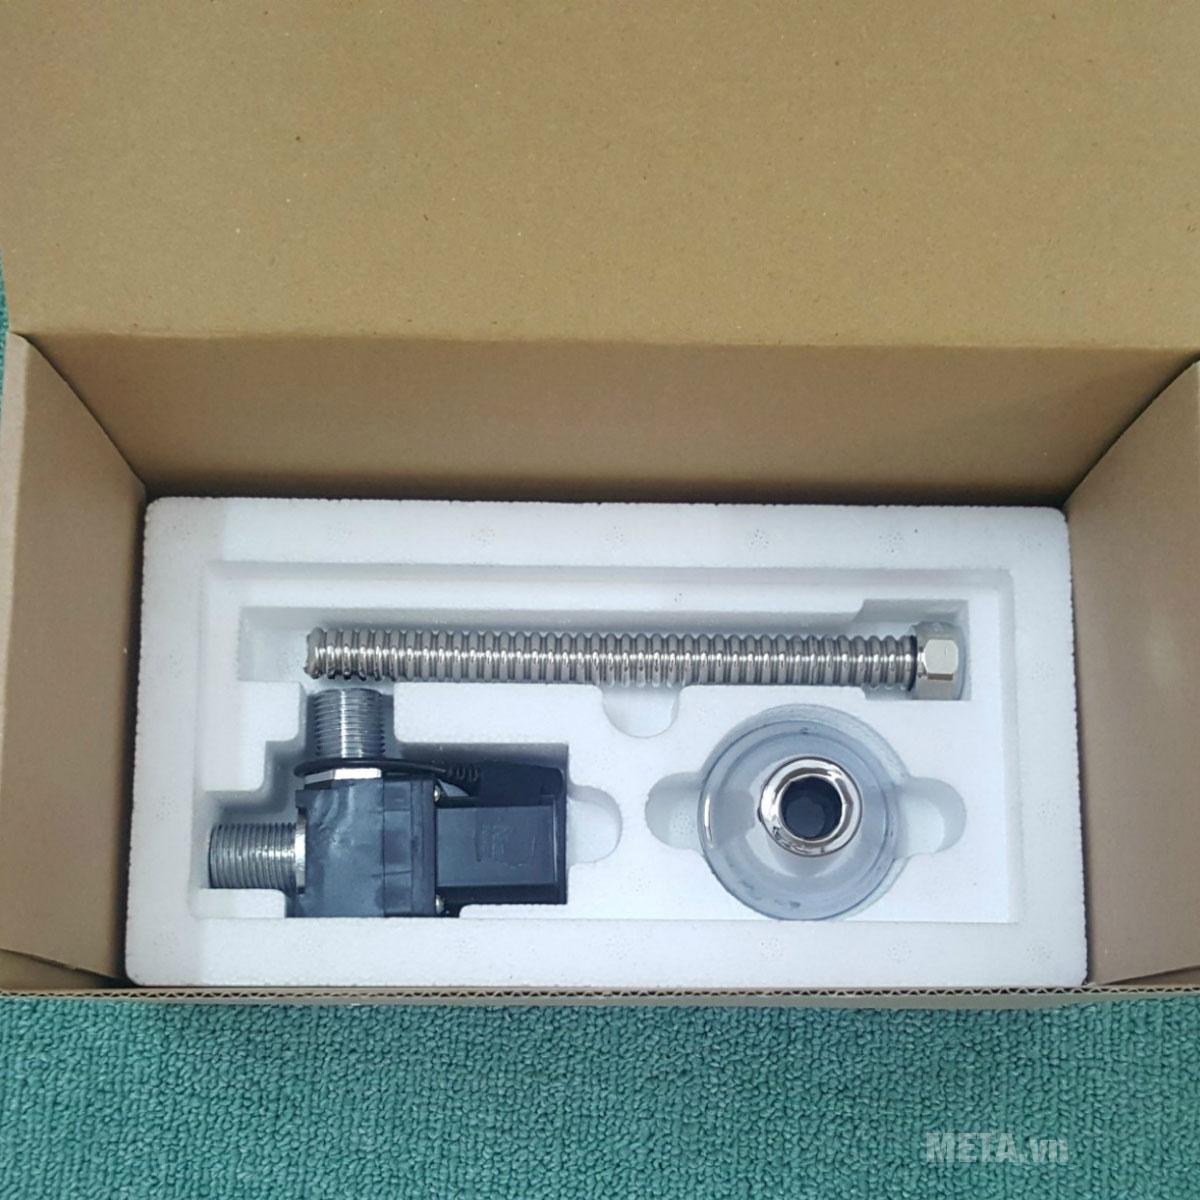 Van cảm ứng Smartech ST - V100 dễ dàng lắp đặt